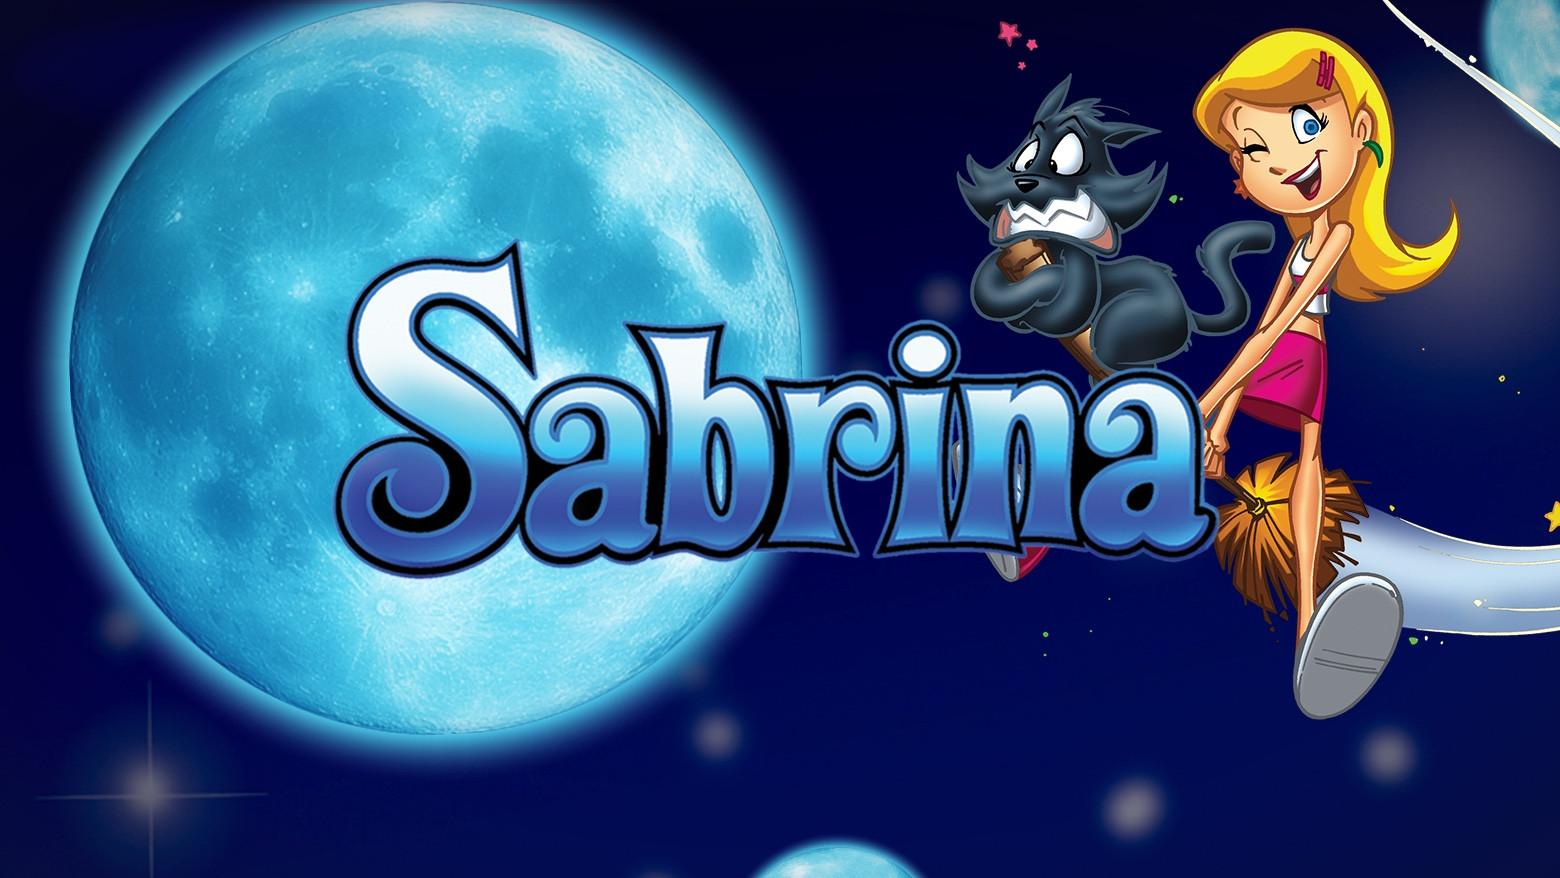 Sabrina_featuredImage.jpg